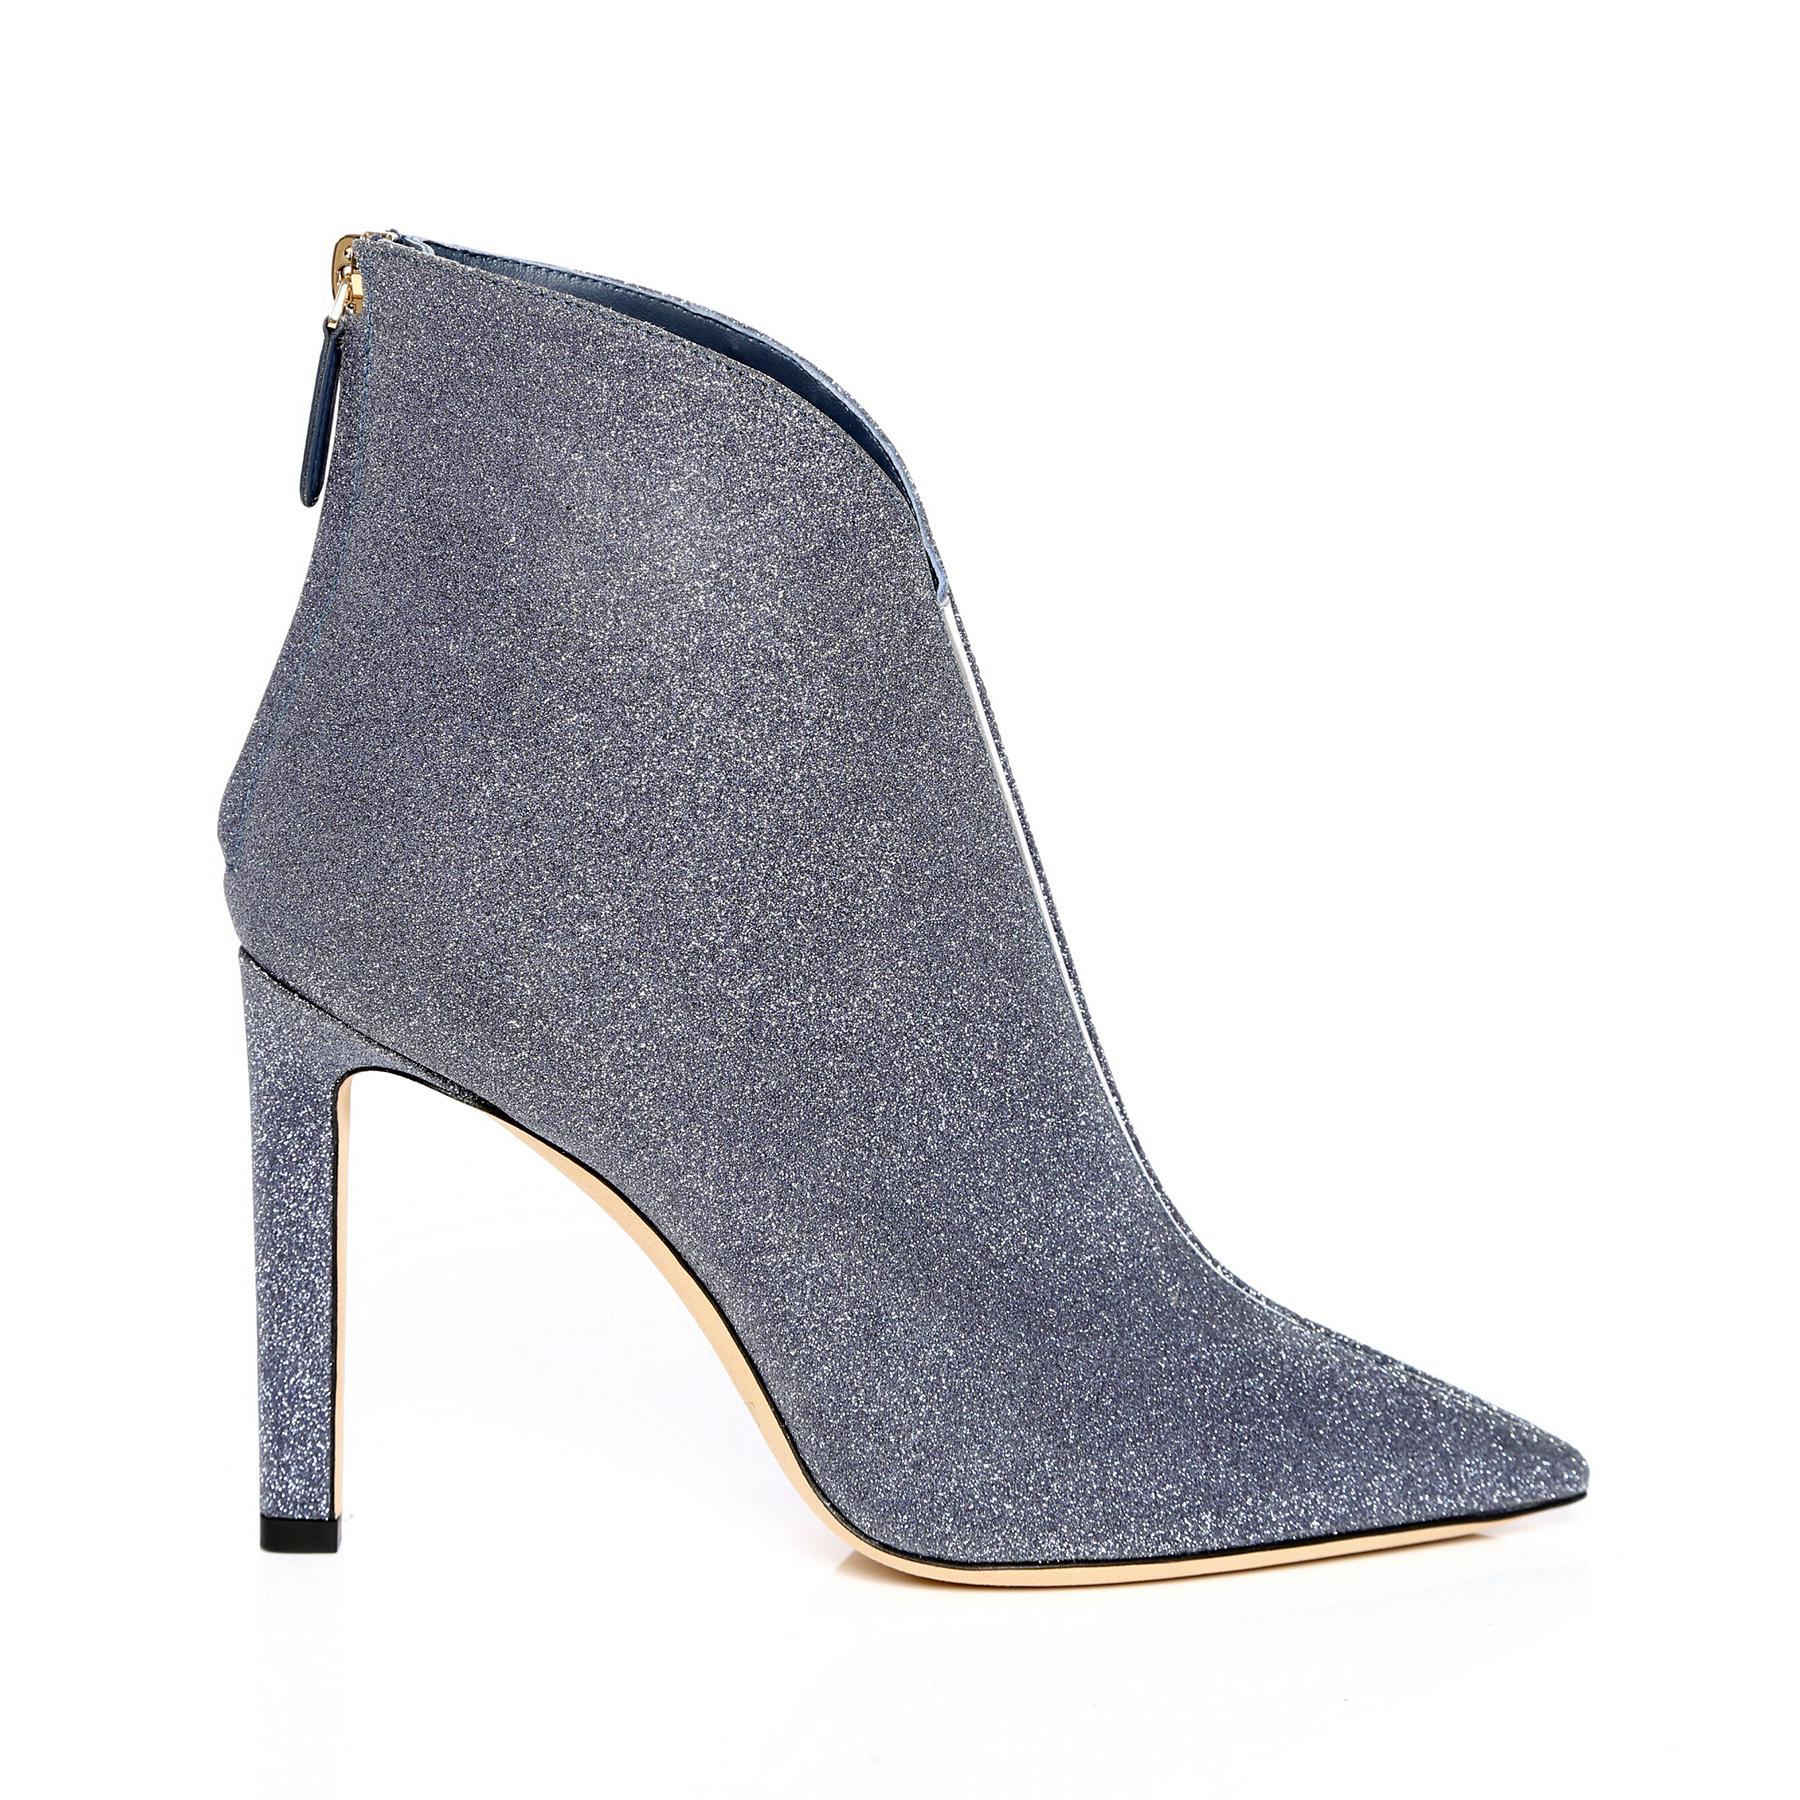 9cb814b3a2d Lyst - Jimmy Choo Bowie Glitter Stiletto Booties in Blue